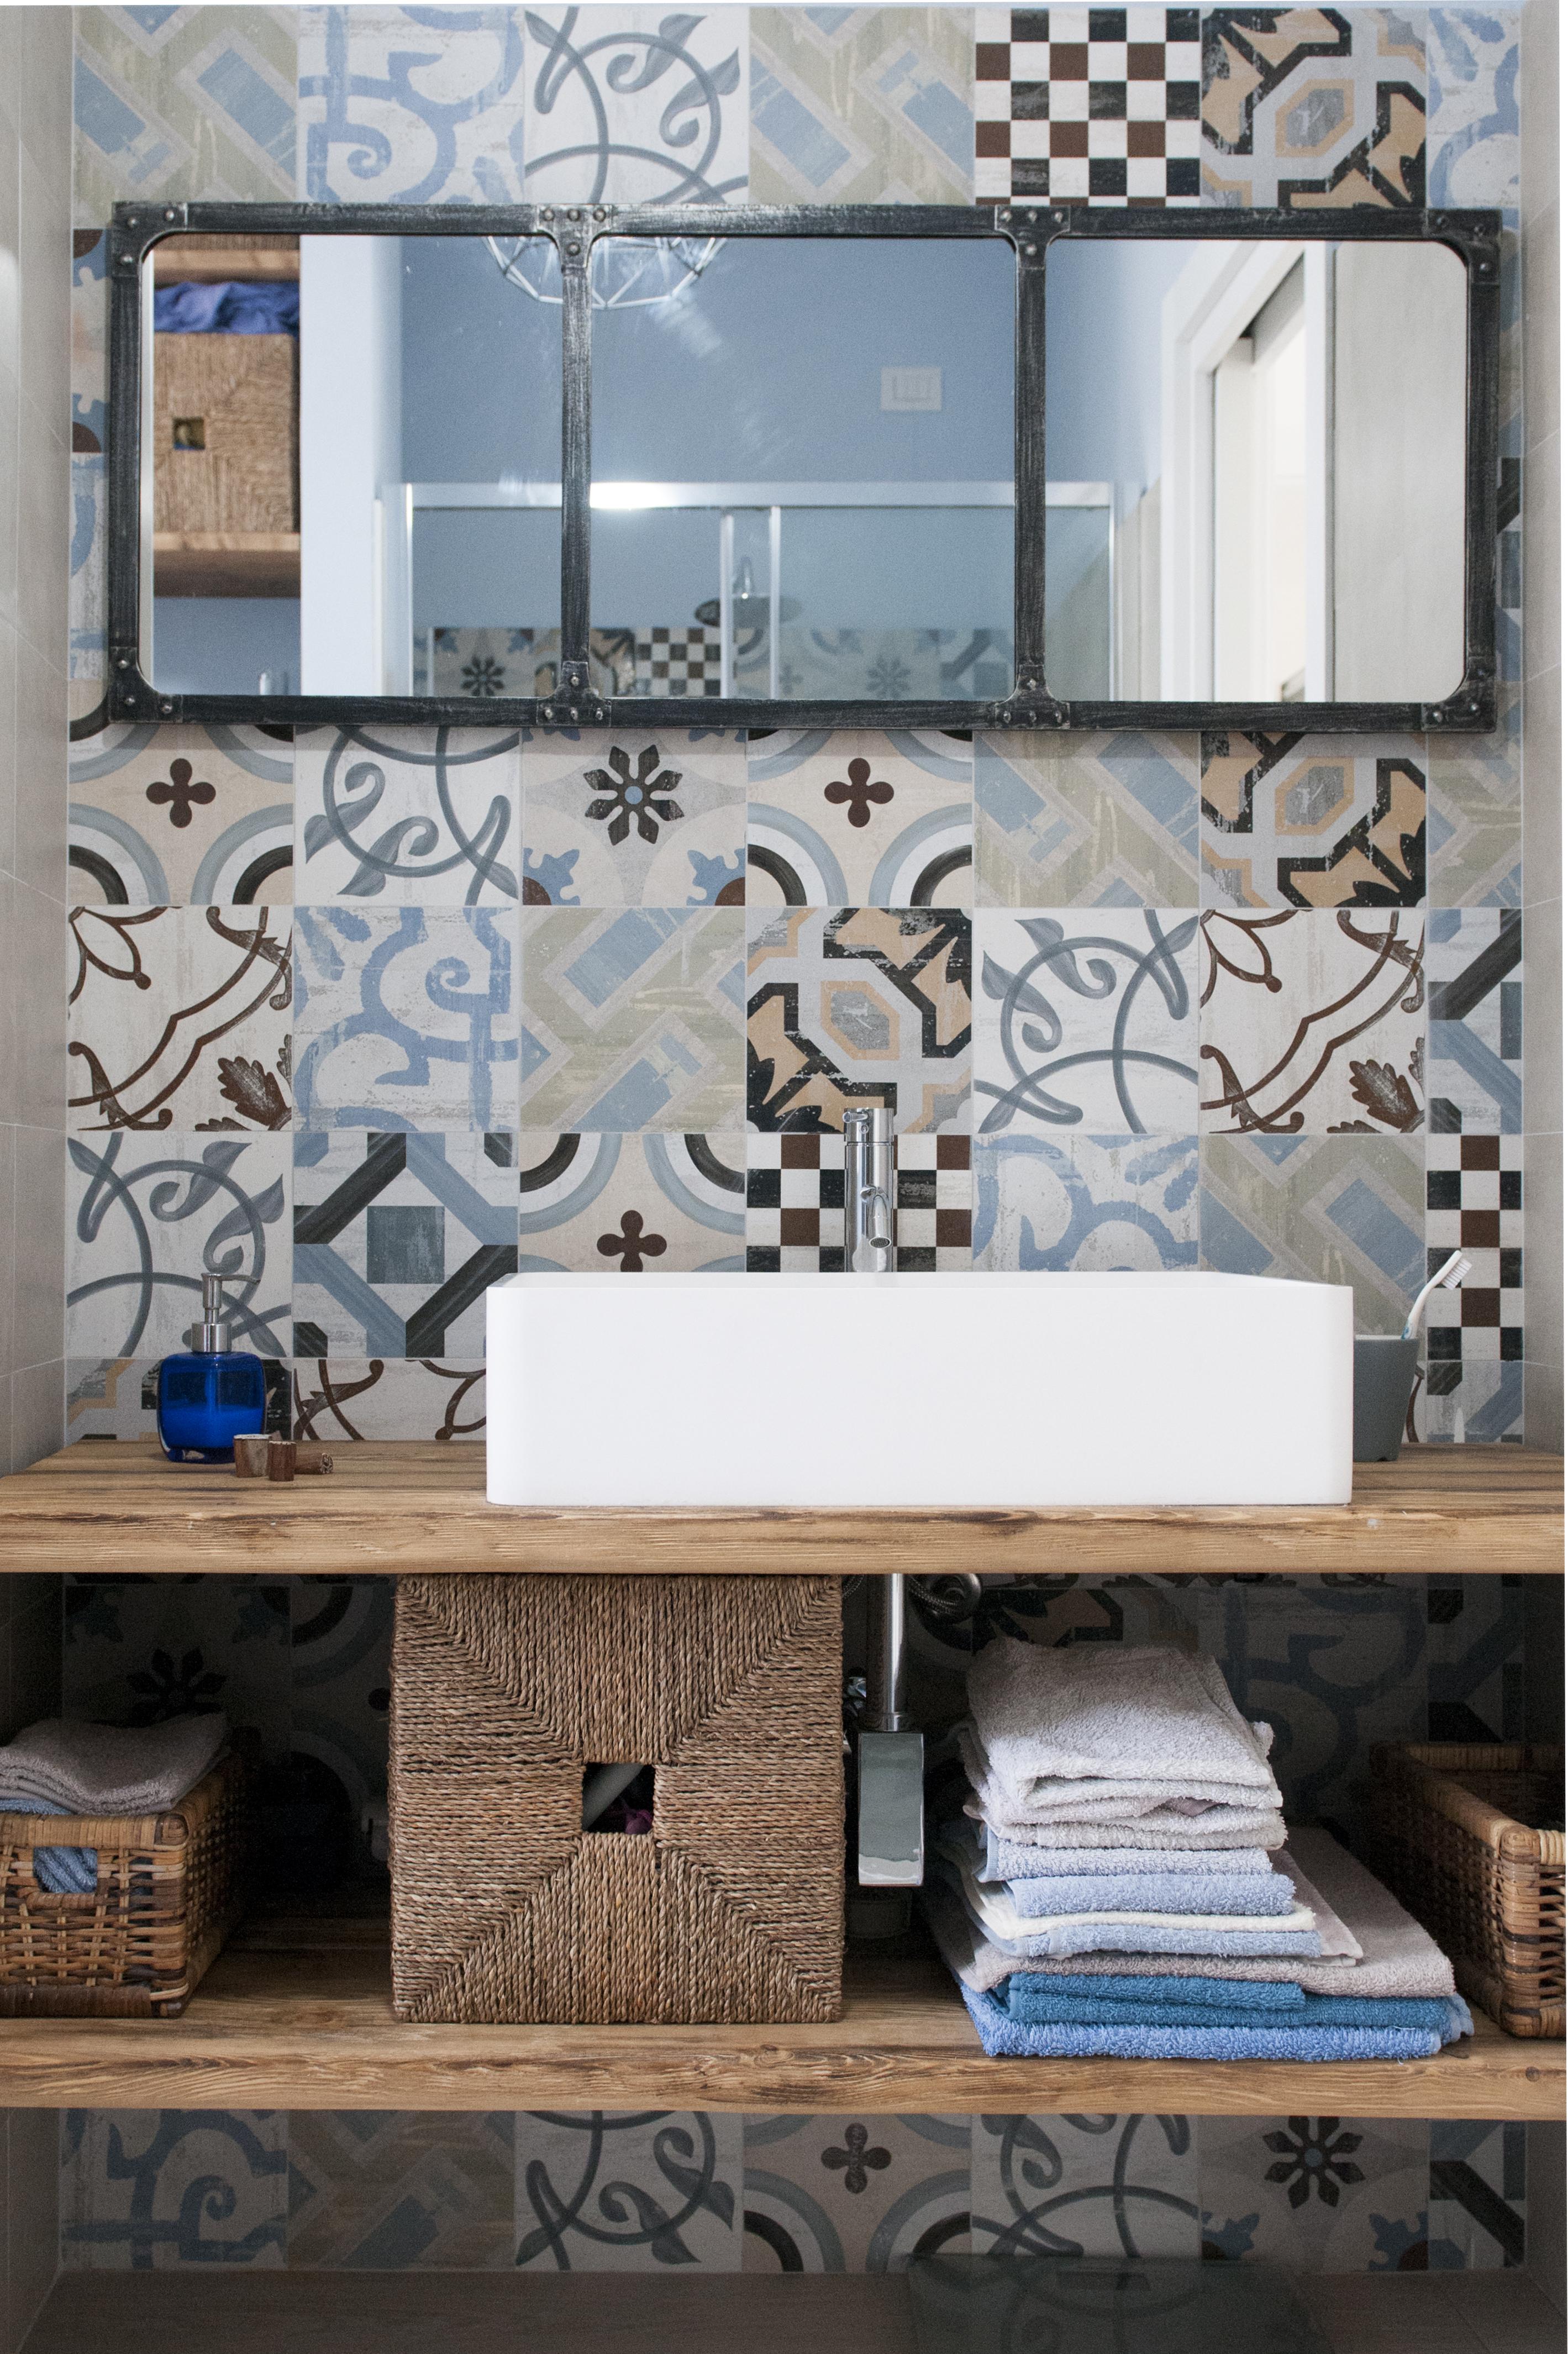 Un bagno in stile eclettico tanti stili in un solo spazio for Piani in stile louisiana